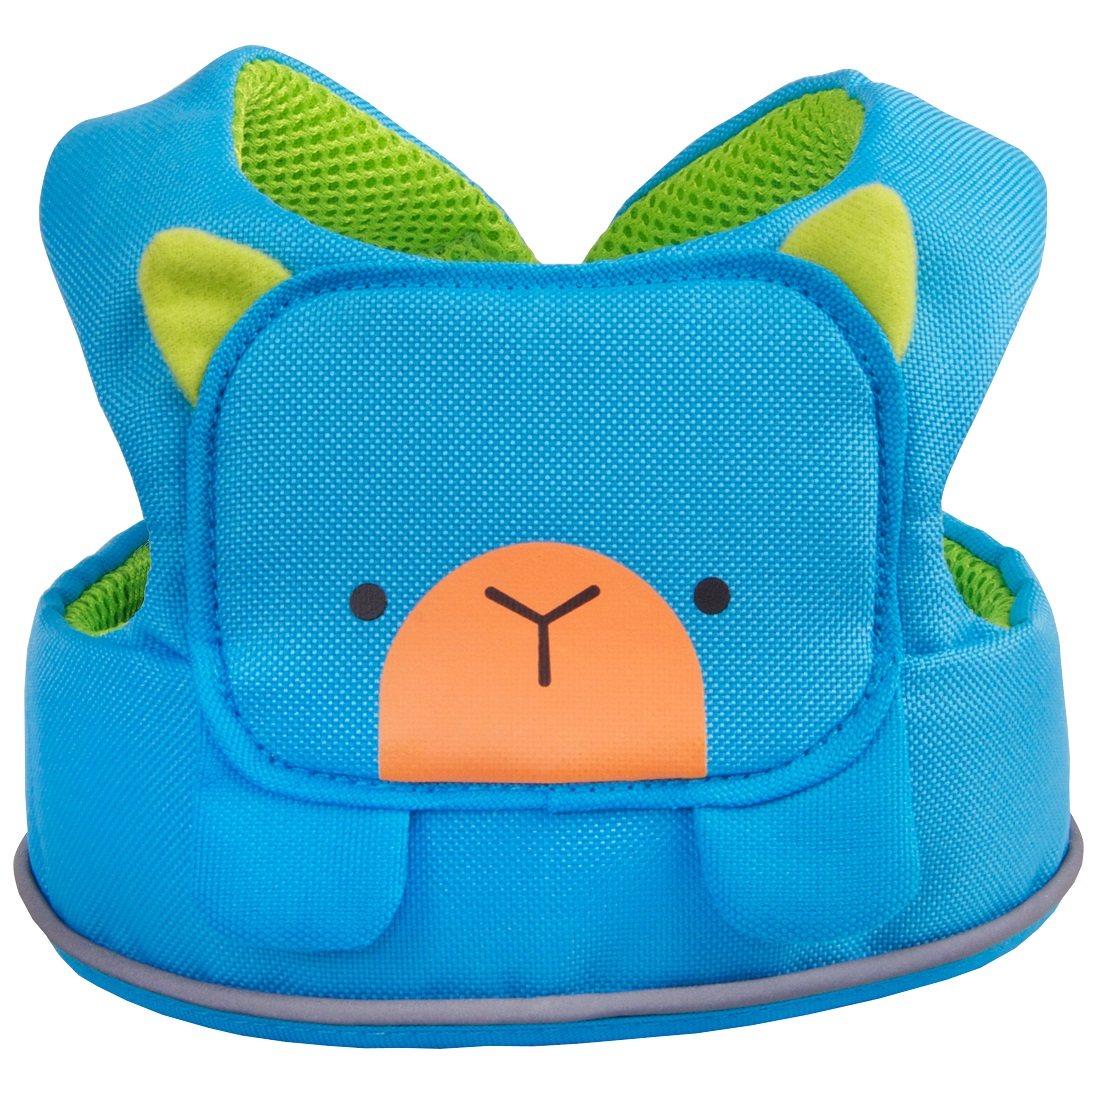 Ham de siguranta trunki toddlepak blue imagine